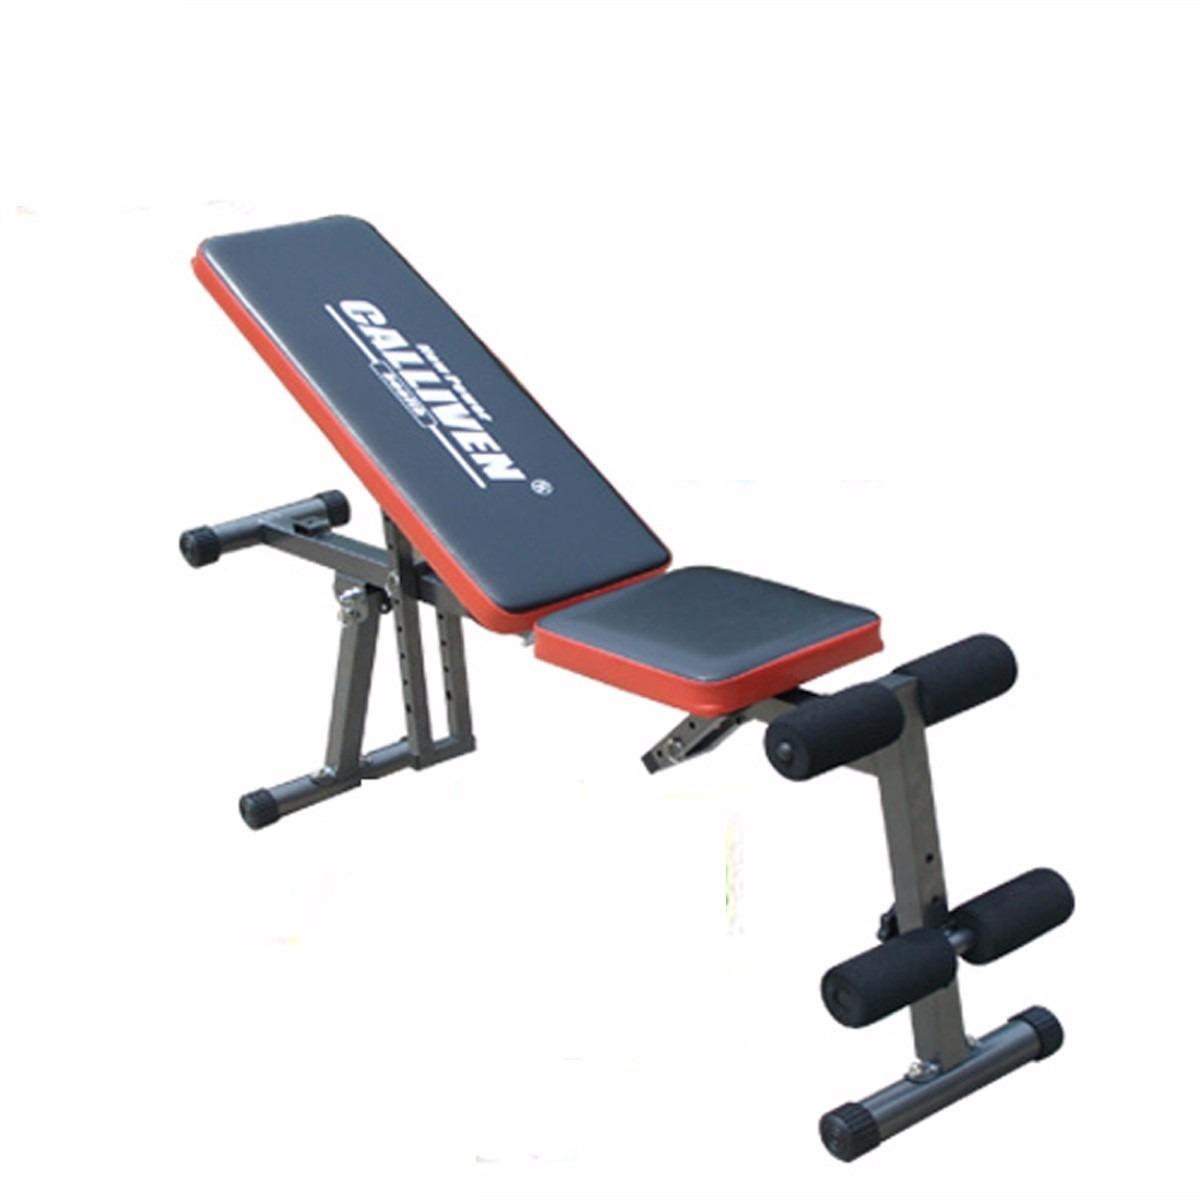 Banco pesas mancuernas abdominales gym plegable ajustable for Pesas y mancuernas